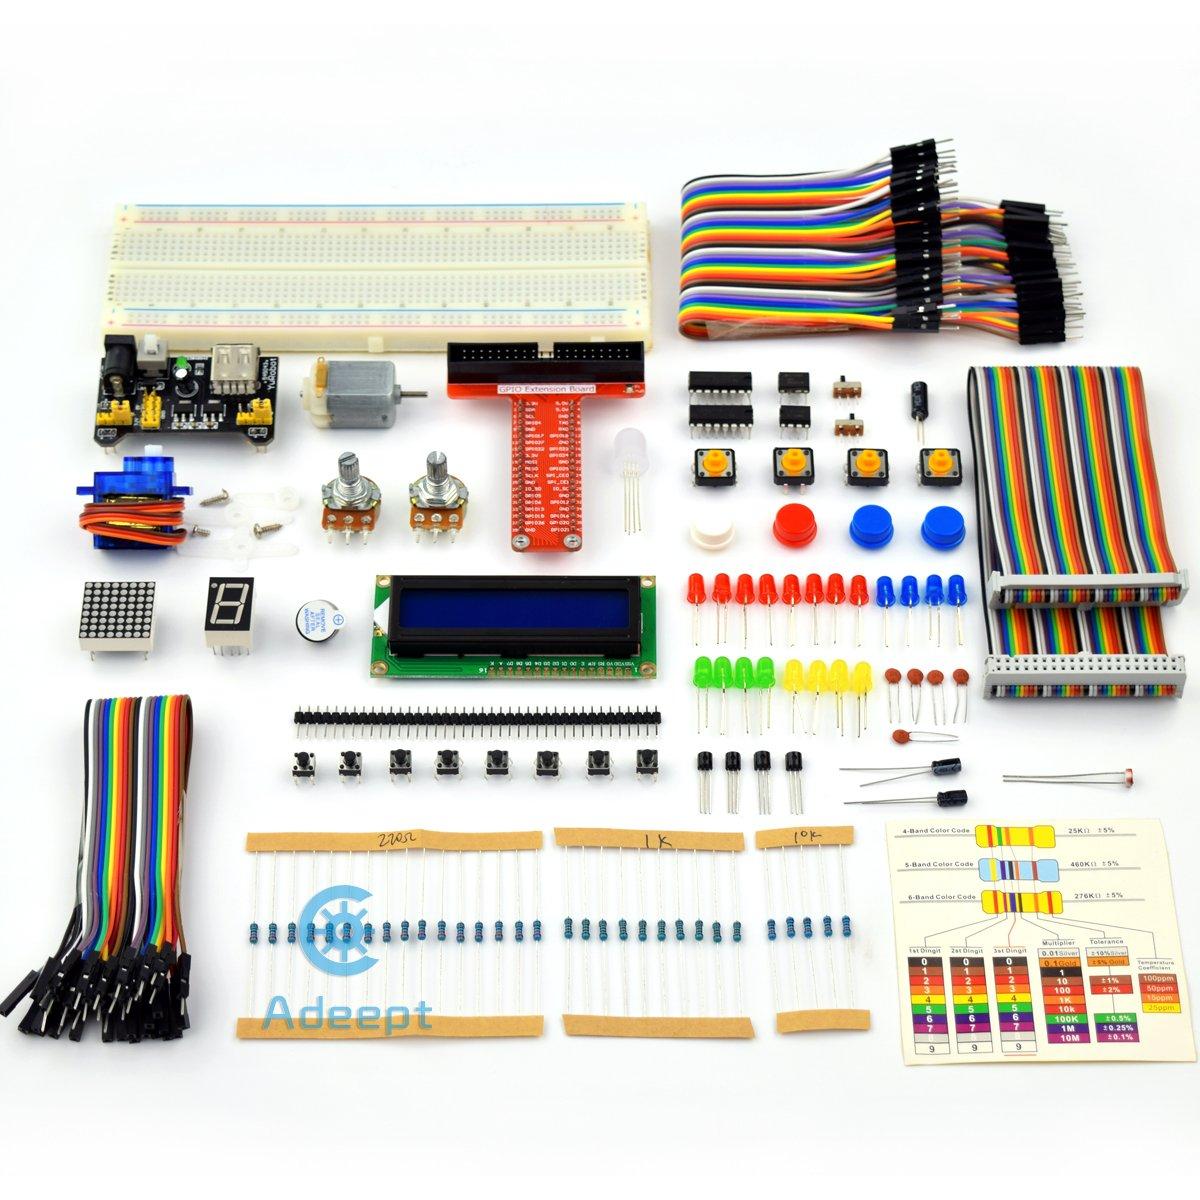 Adeept Super Starter Kit For Raspberry Pi 3 2 Model B Wiringpi Servo Lcd1602 Motor C And Python Code Beginner With User